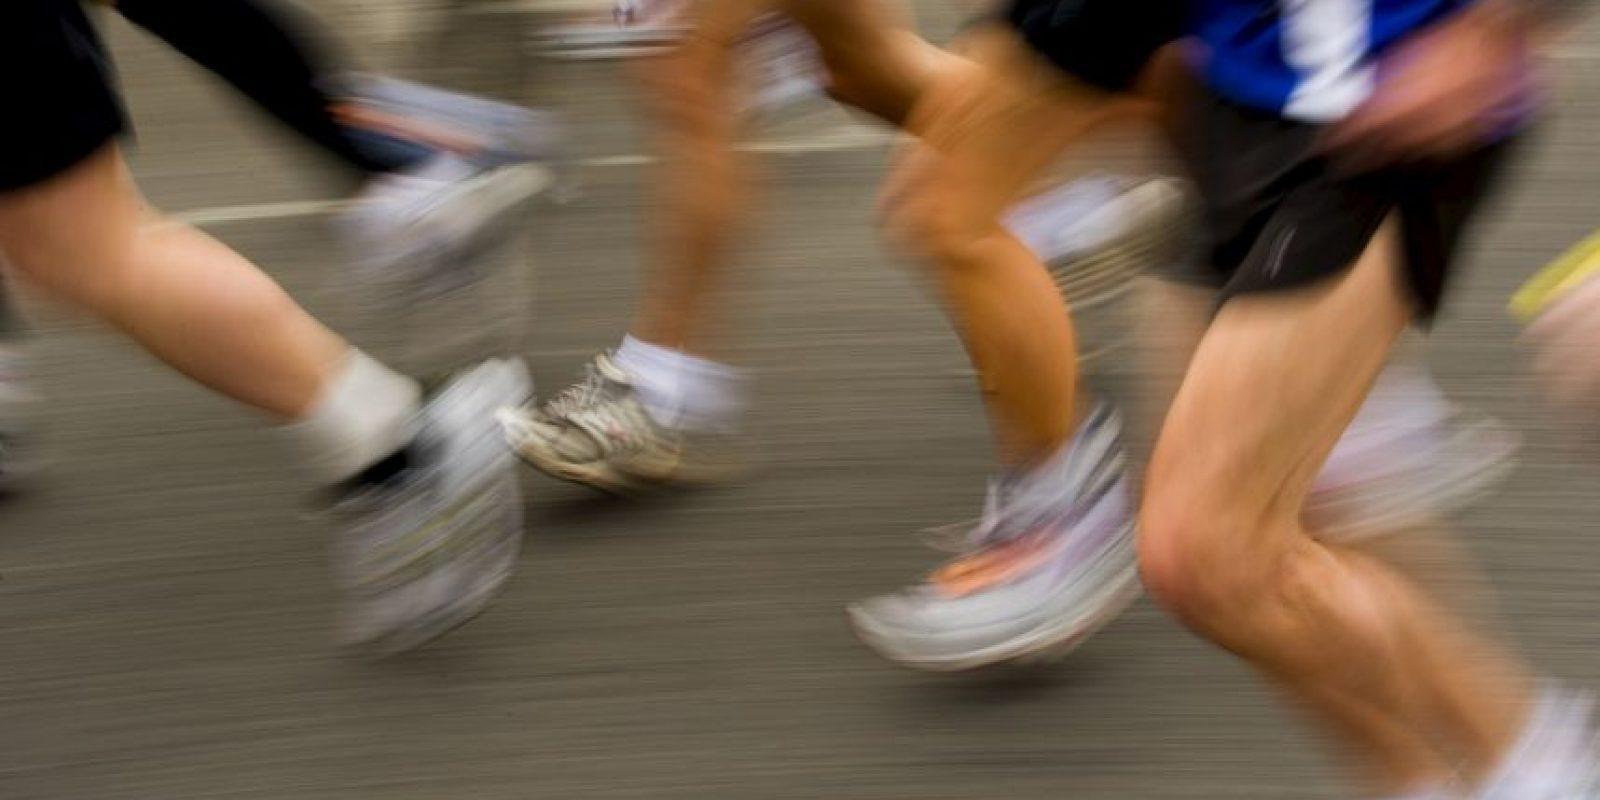 ¿Te veías y sentías como ahora? Seguramente no. Quizás has bajado de peso, has agregado masa muscular, has definido y tonificado tu cuerpo. Foto:Getty Images